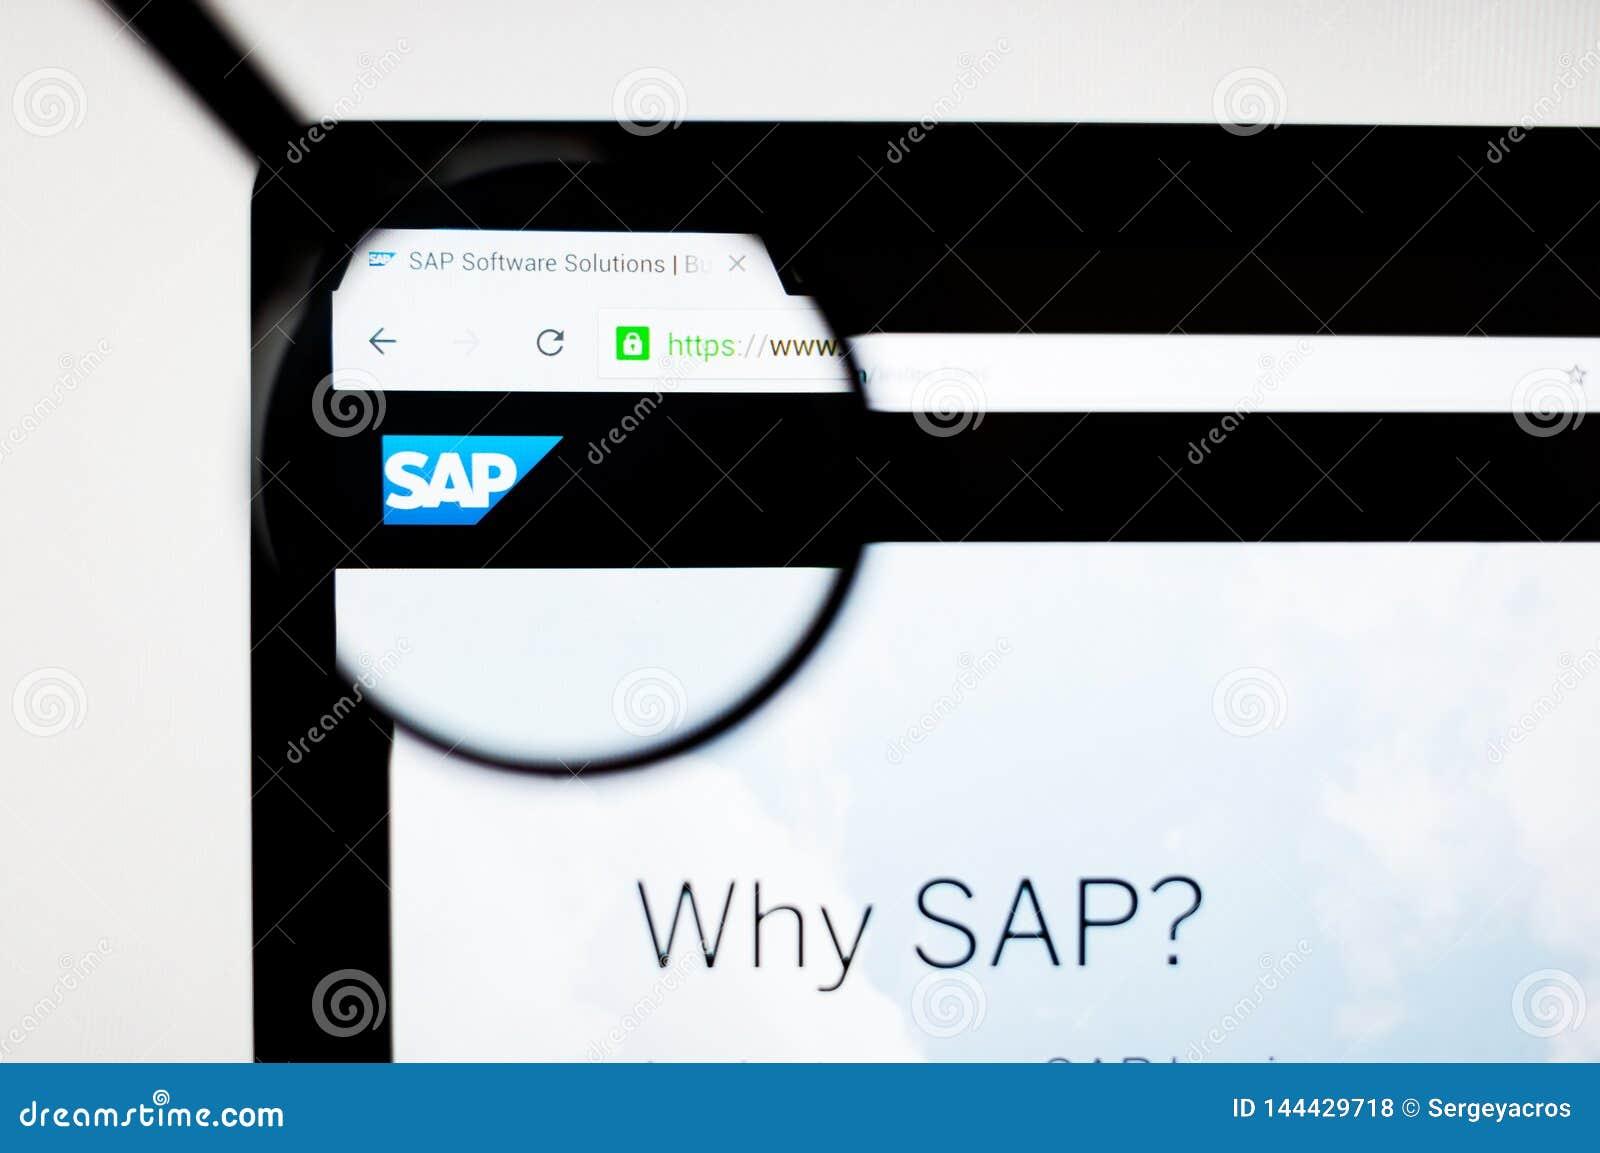 Kiev, Ukraine - april 6, 2019: Sap website homepage. It is a German multinational software corporation that makes enterprise